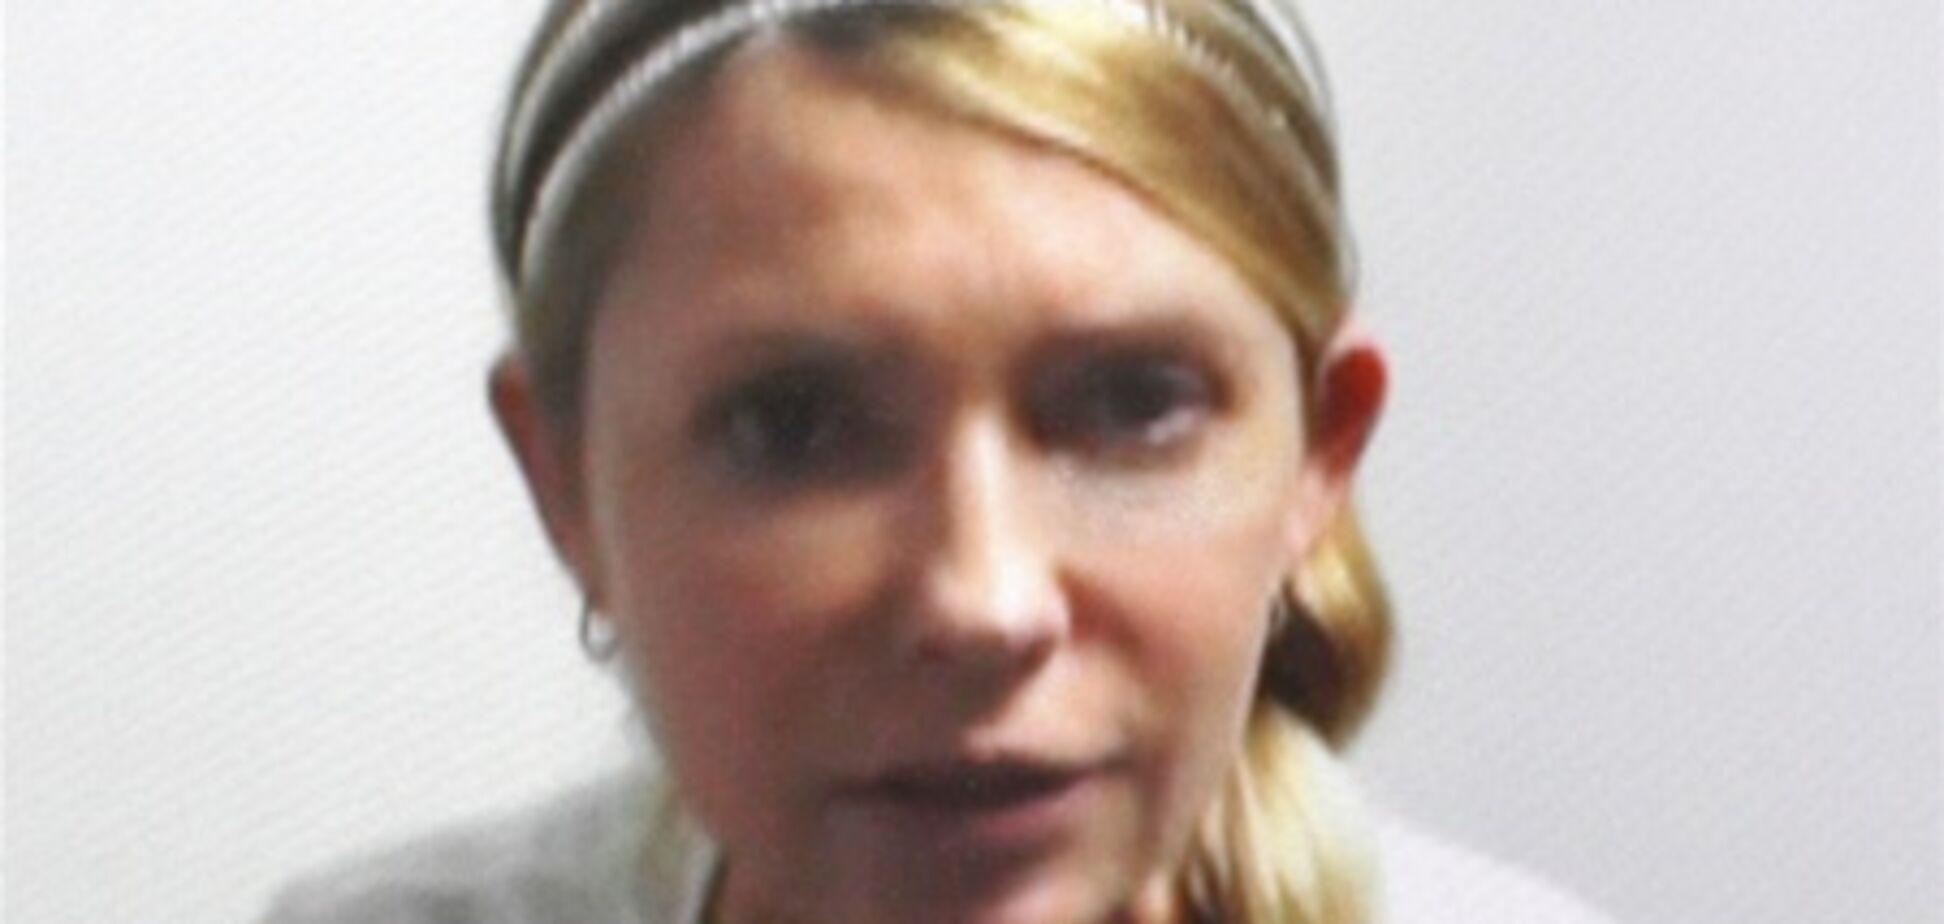 Тимошенко рекомендовано внебольничное наблюдение — Богатырева